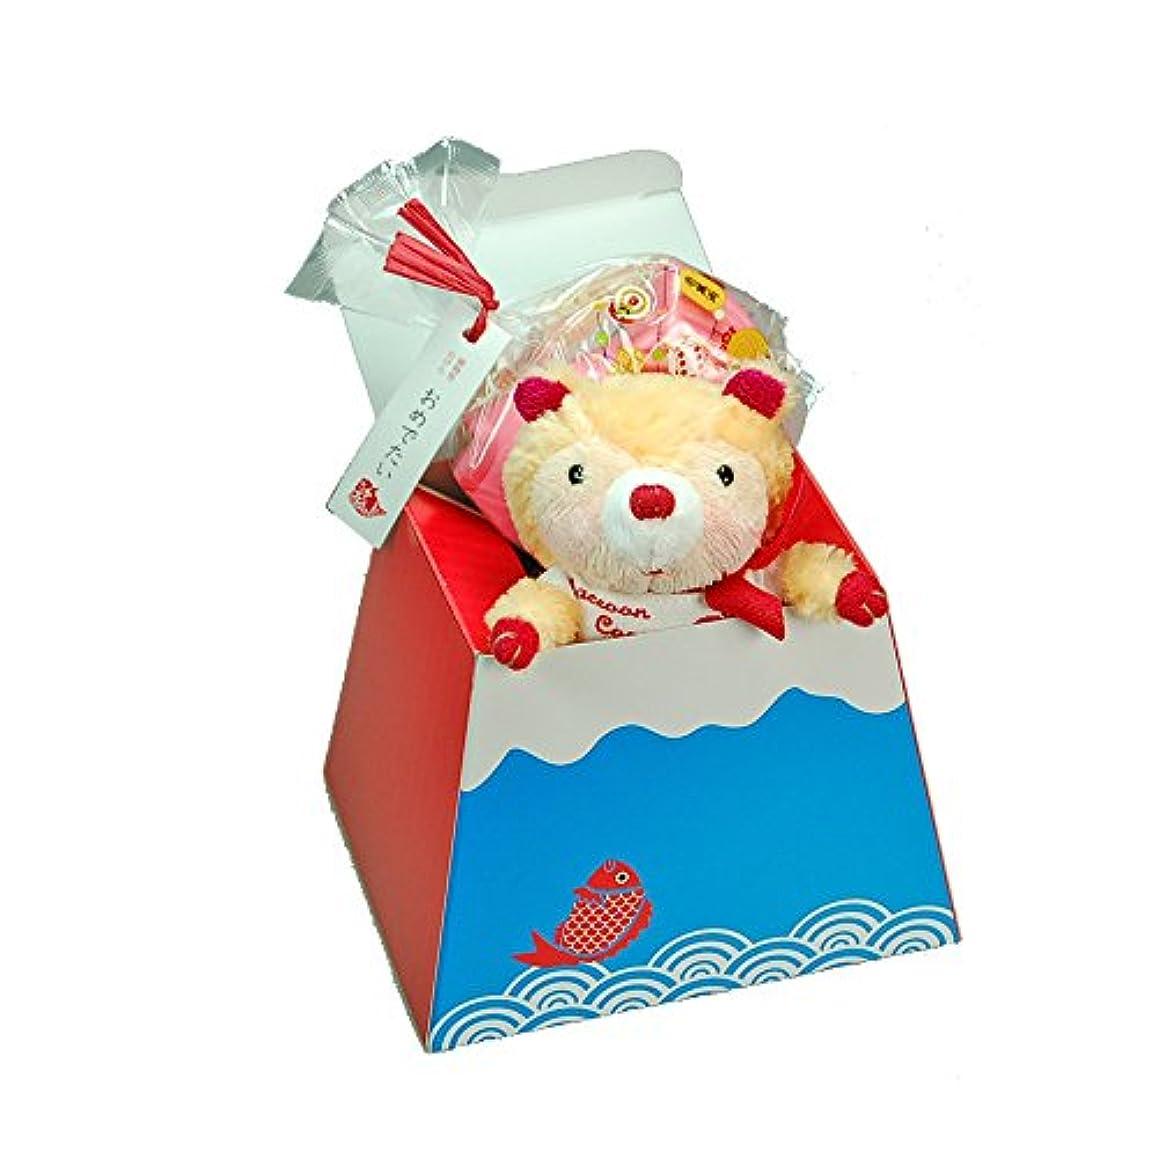 修理工環境唯一プチギフト リトルマスコット 鯛 石けん 富士山ラッピング付き 誕生日プレゼント お祝い 入学 卒業  (リトルセット)